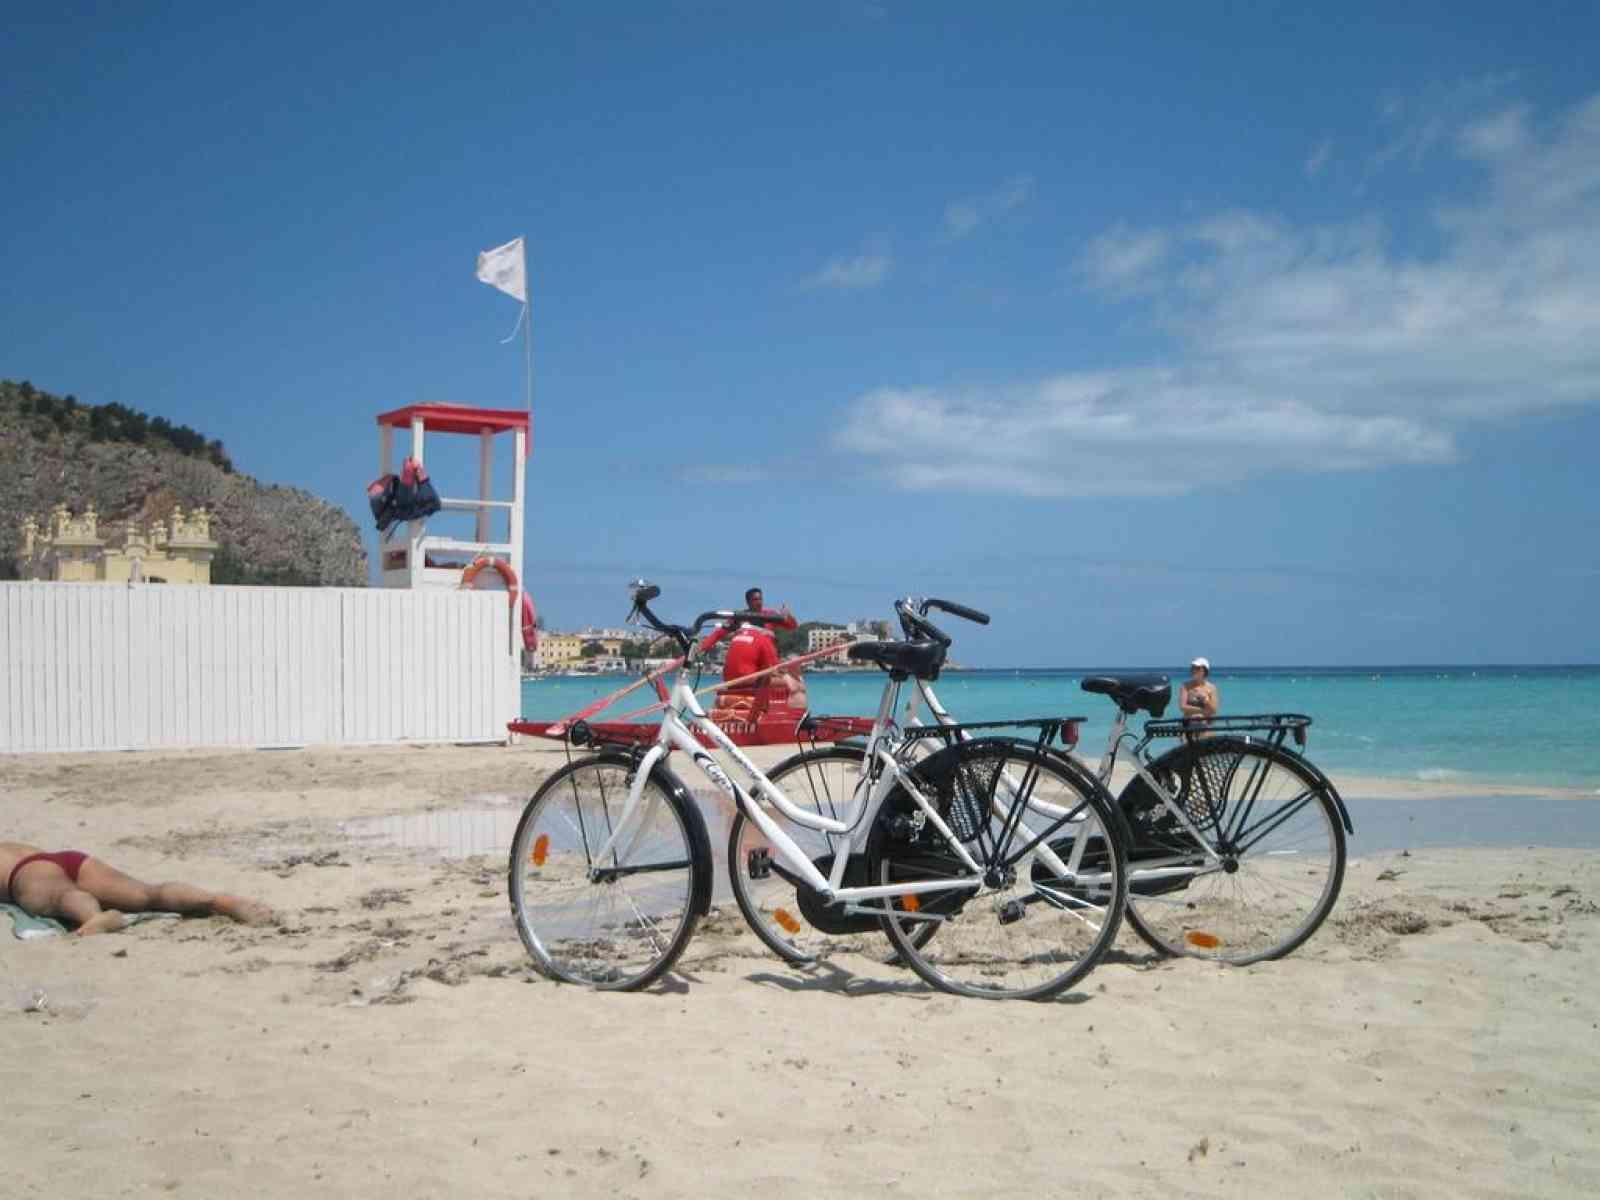 Immagine articolo: Menfi, assegnate in comodato d'uso gratuito le biciclette alle strutture ricettive richiedenti